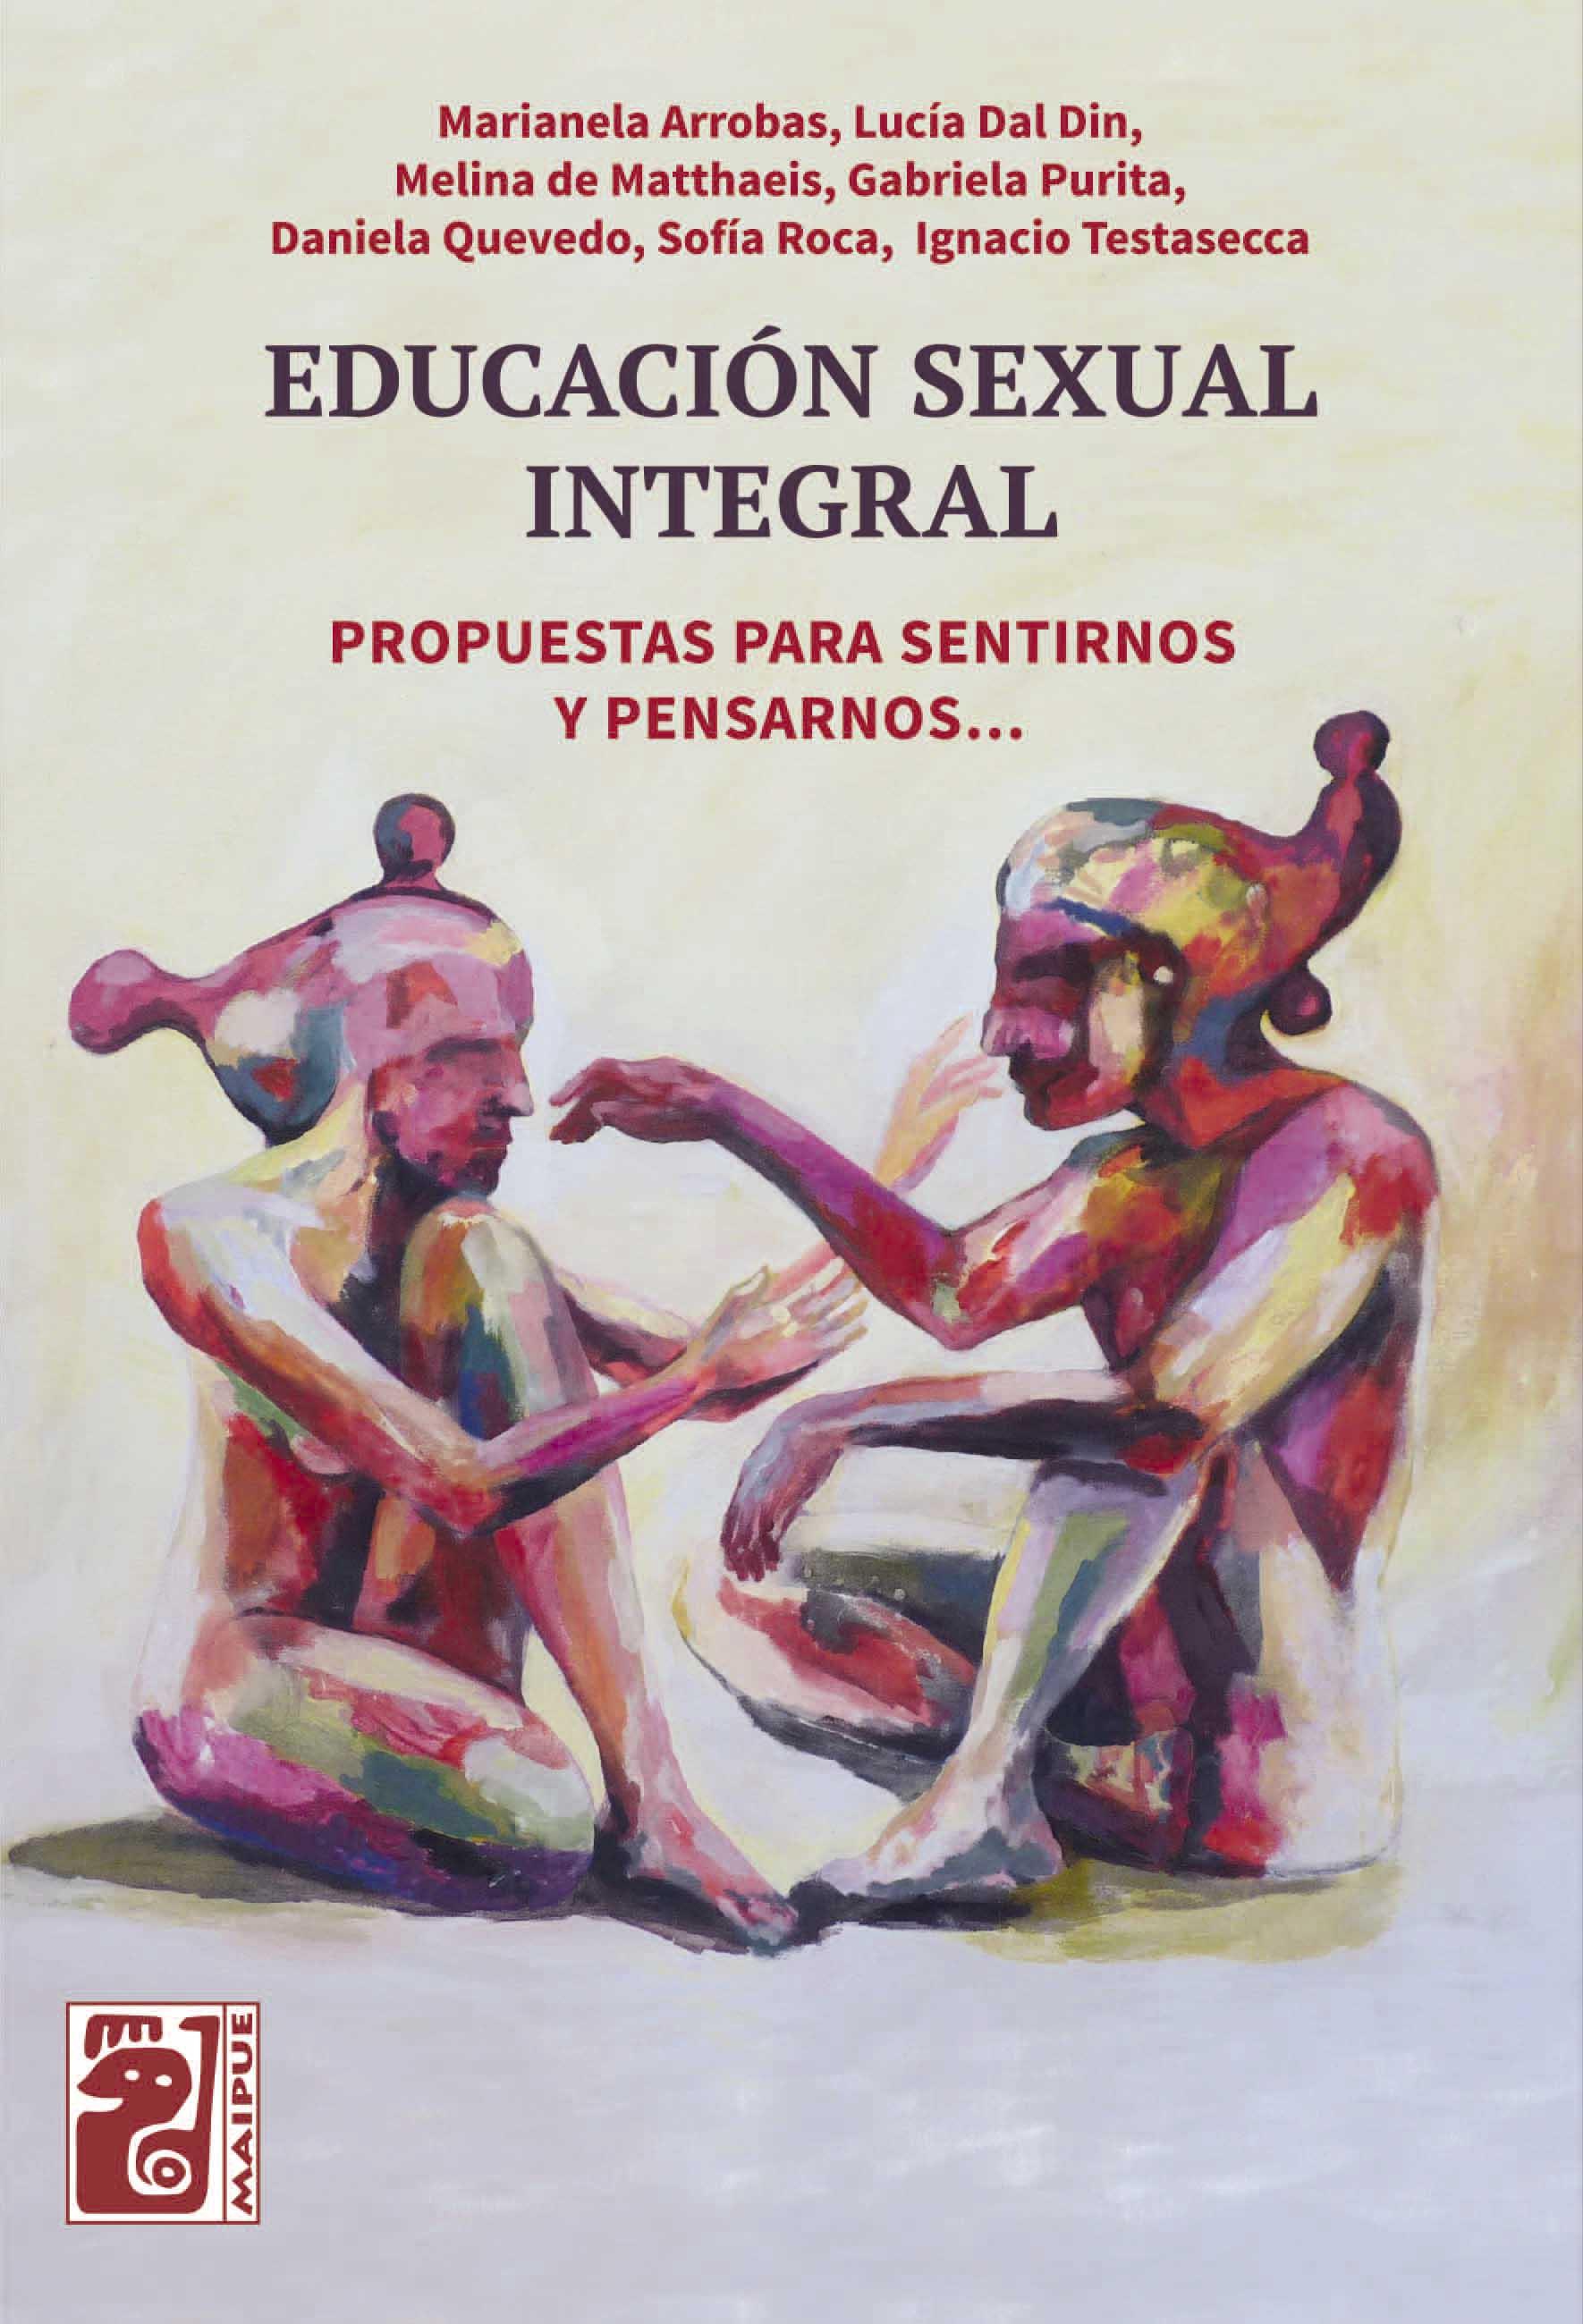 Educación Sexual Integral - Propuestas para sentirnos y pensarnos...